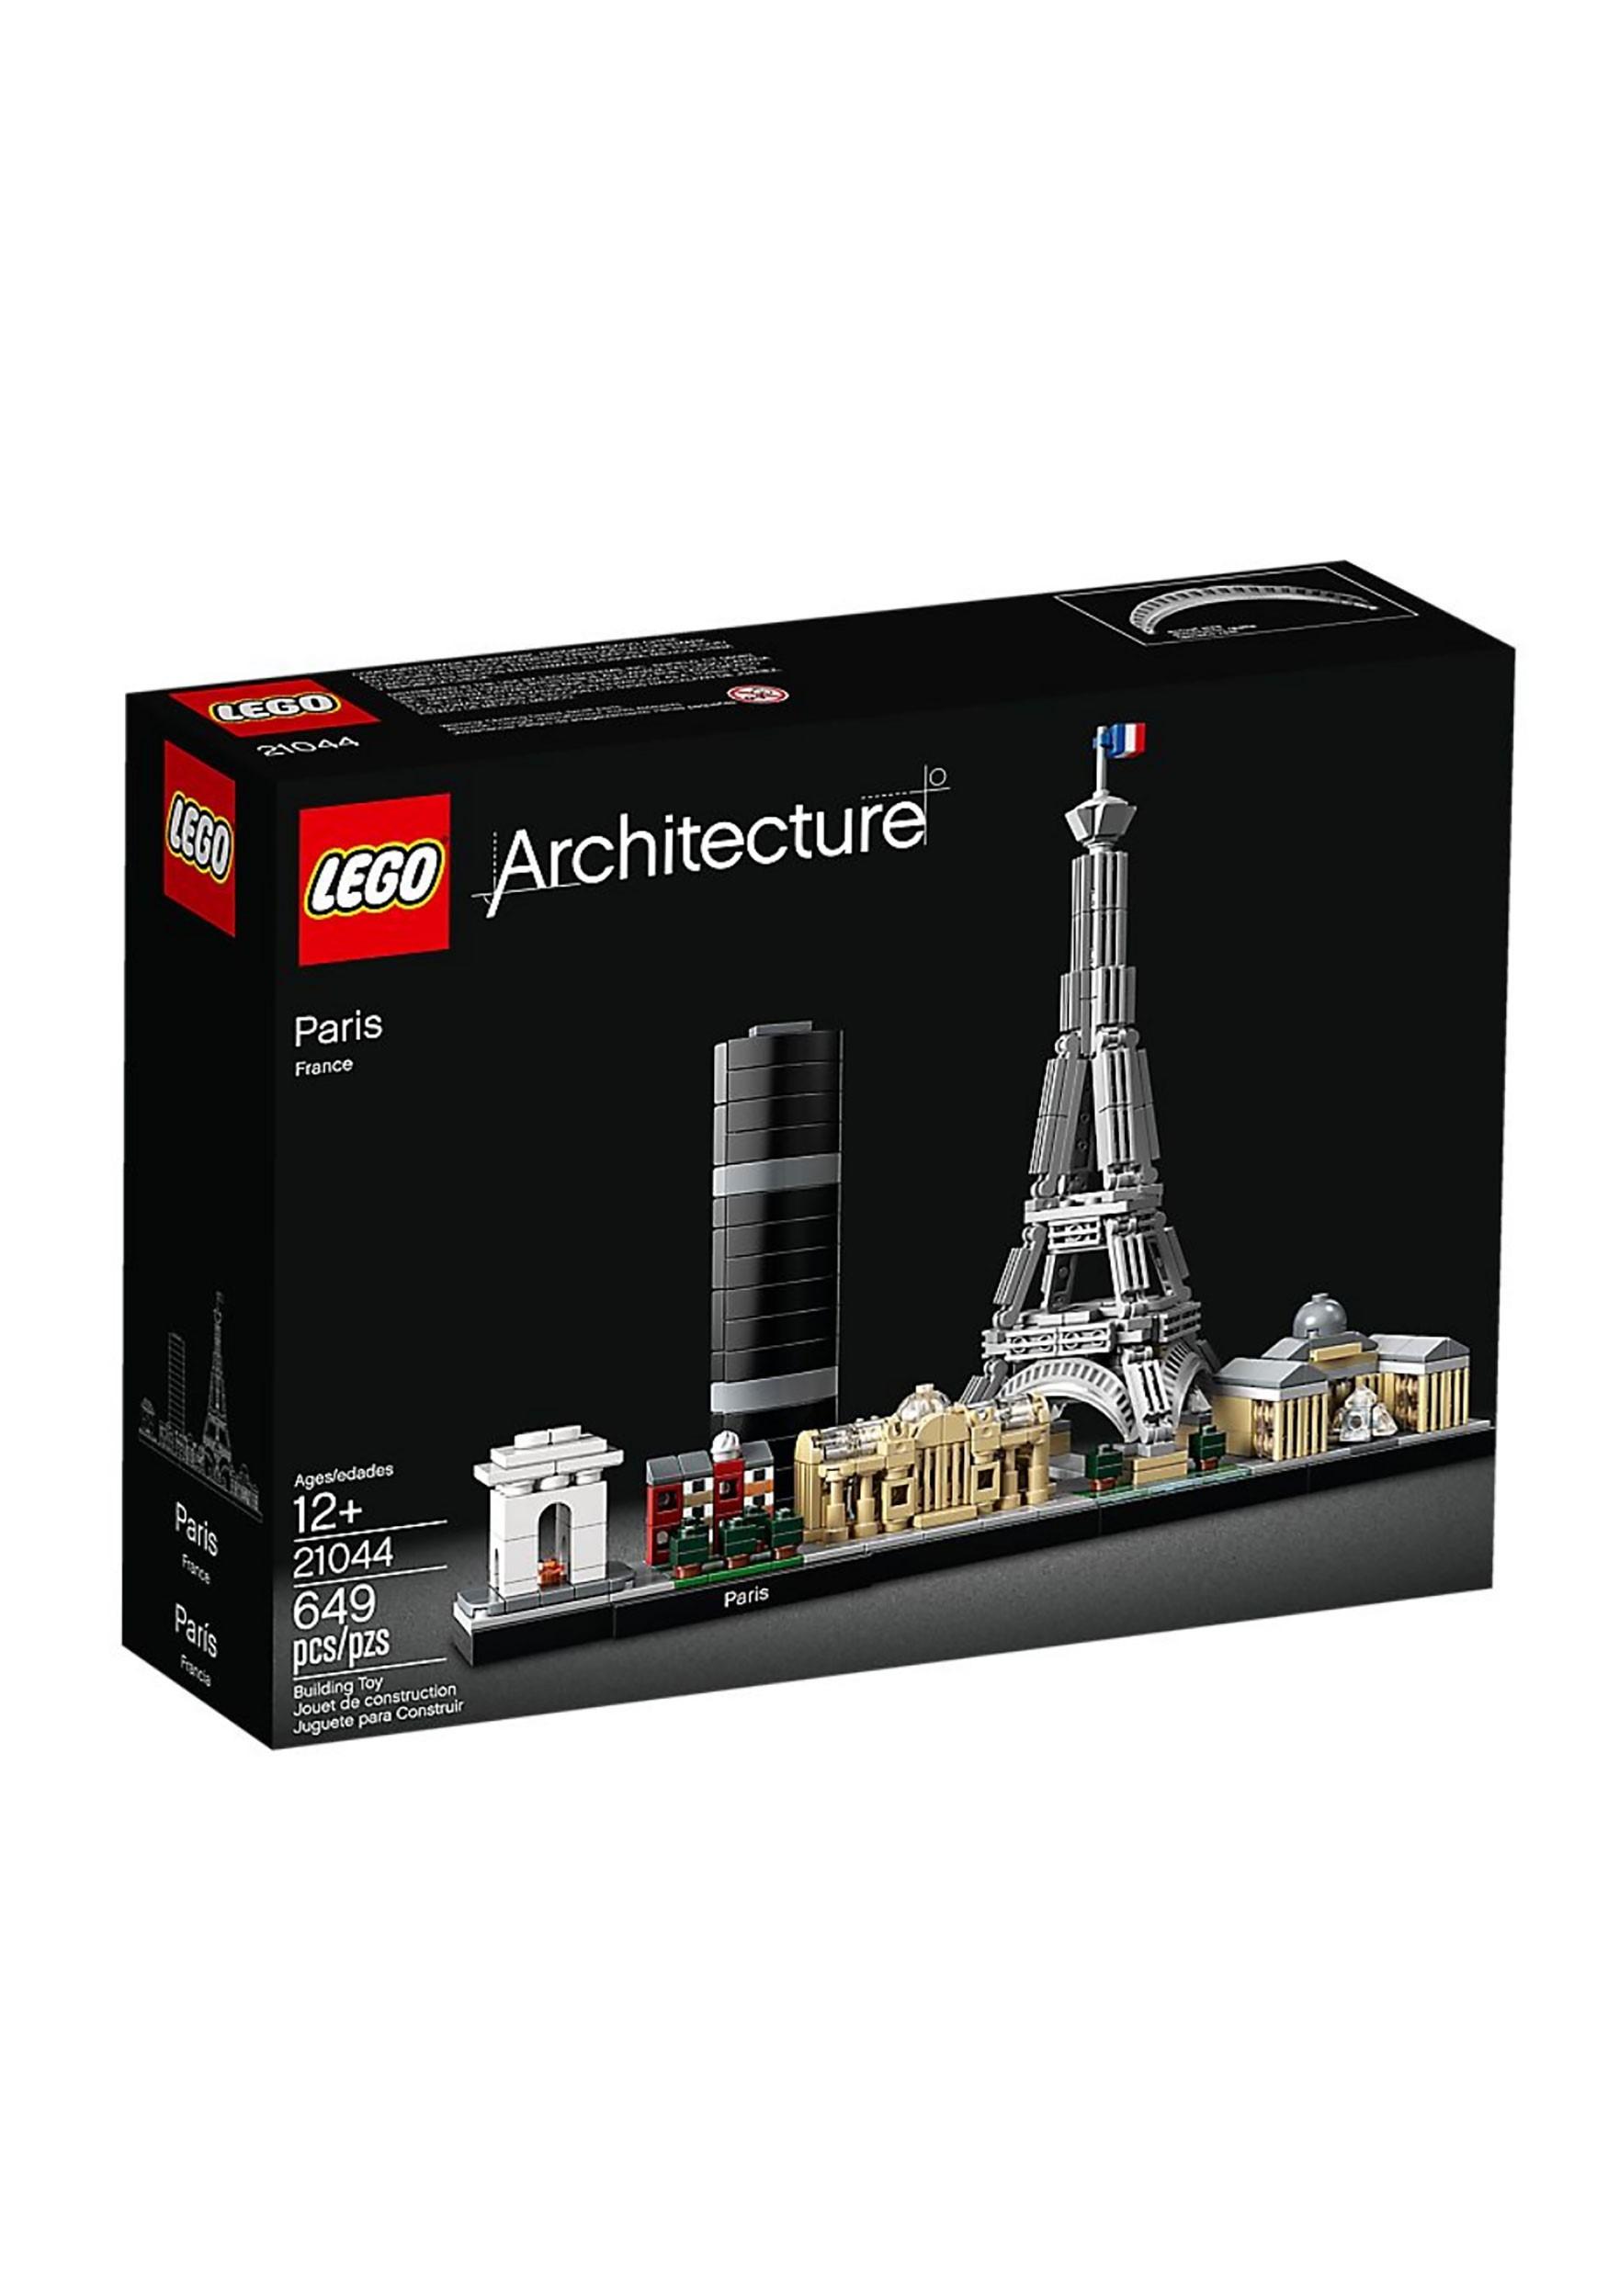 LEGO Architecture of Paris